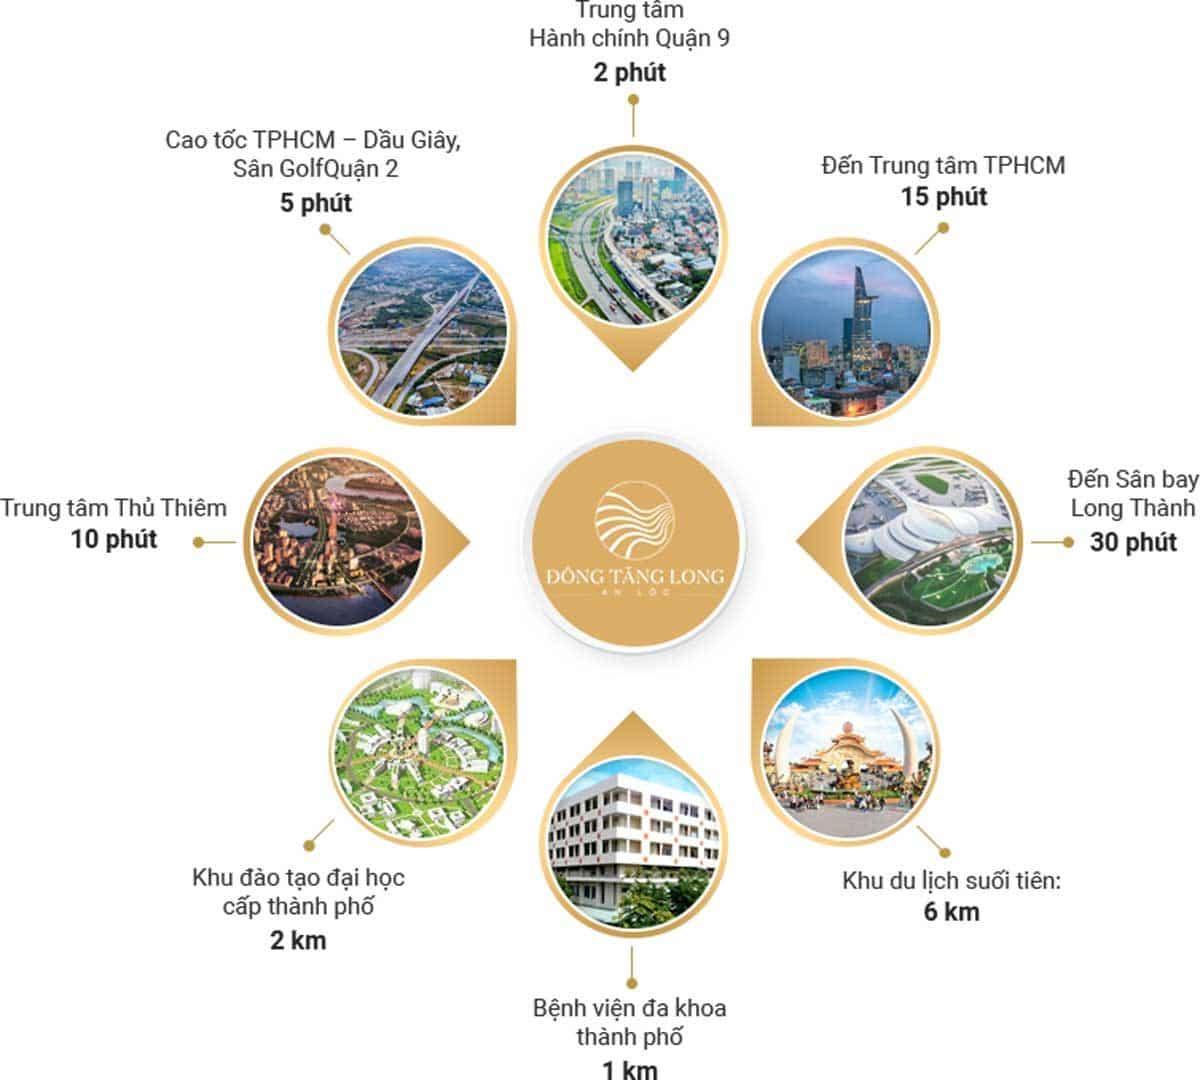 Tiện ích liên kết vùng Dự án Đông Tăng Long An Lộc Quận 9